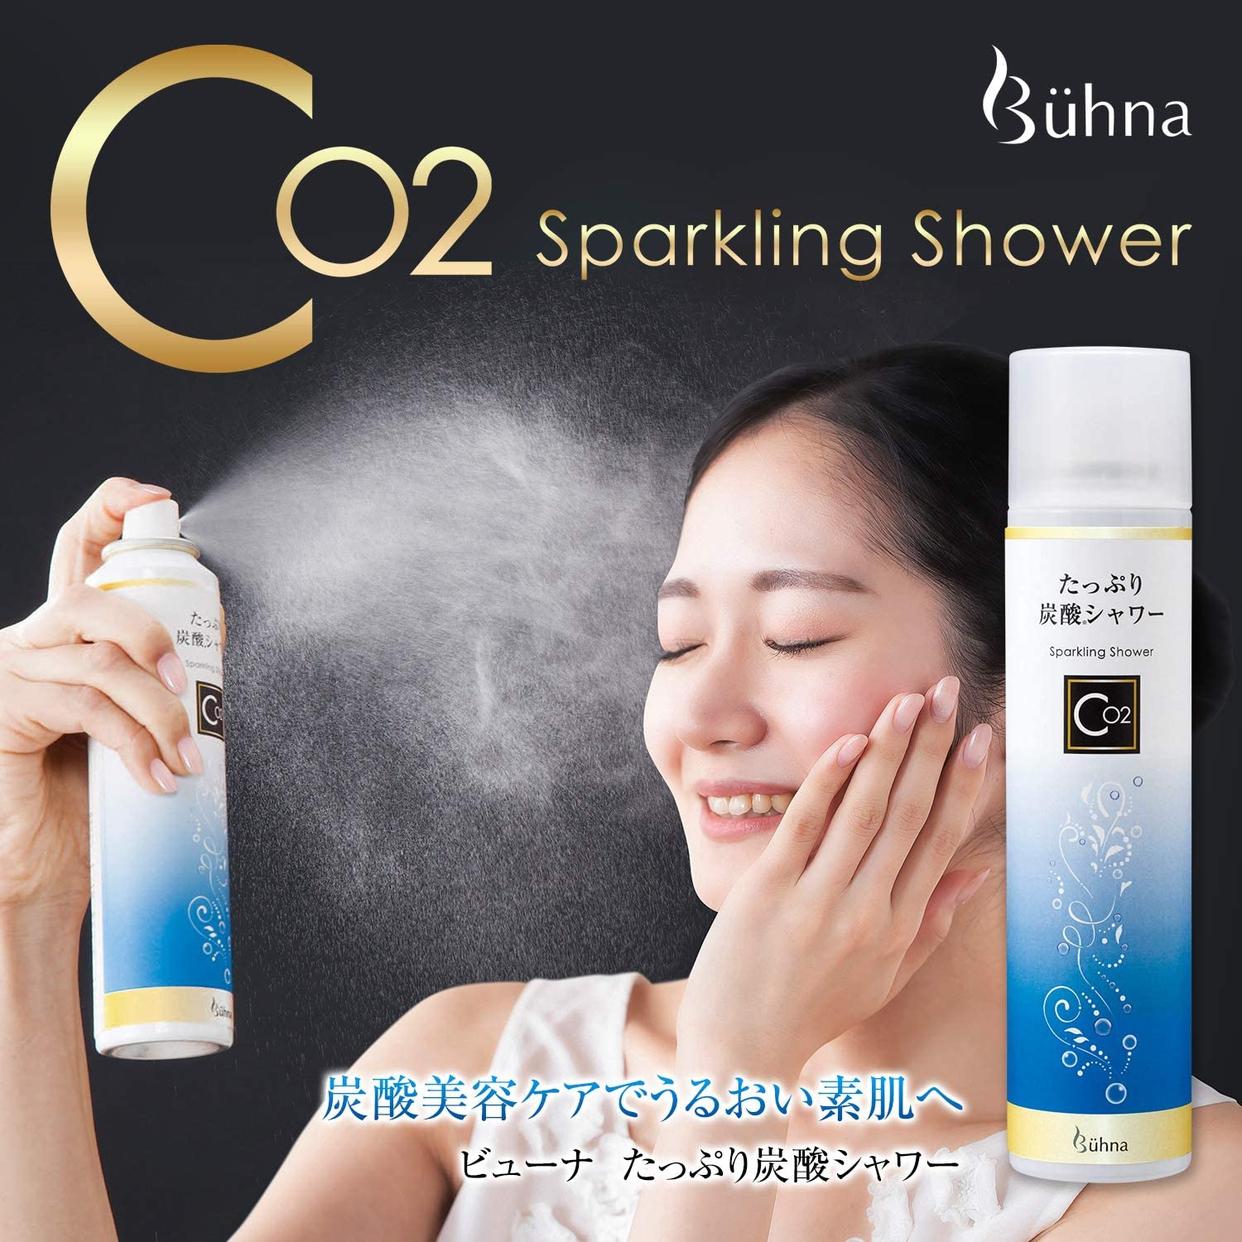 Buhna(ビューナ) たっぷり炭酸シャワー 炭酸ミスト 化粧水の商品画像2